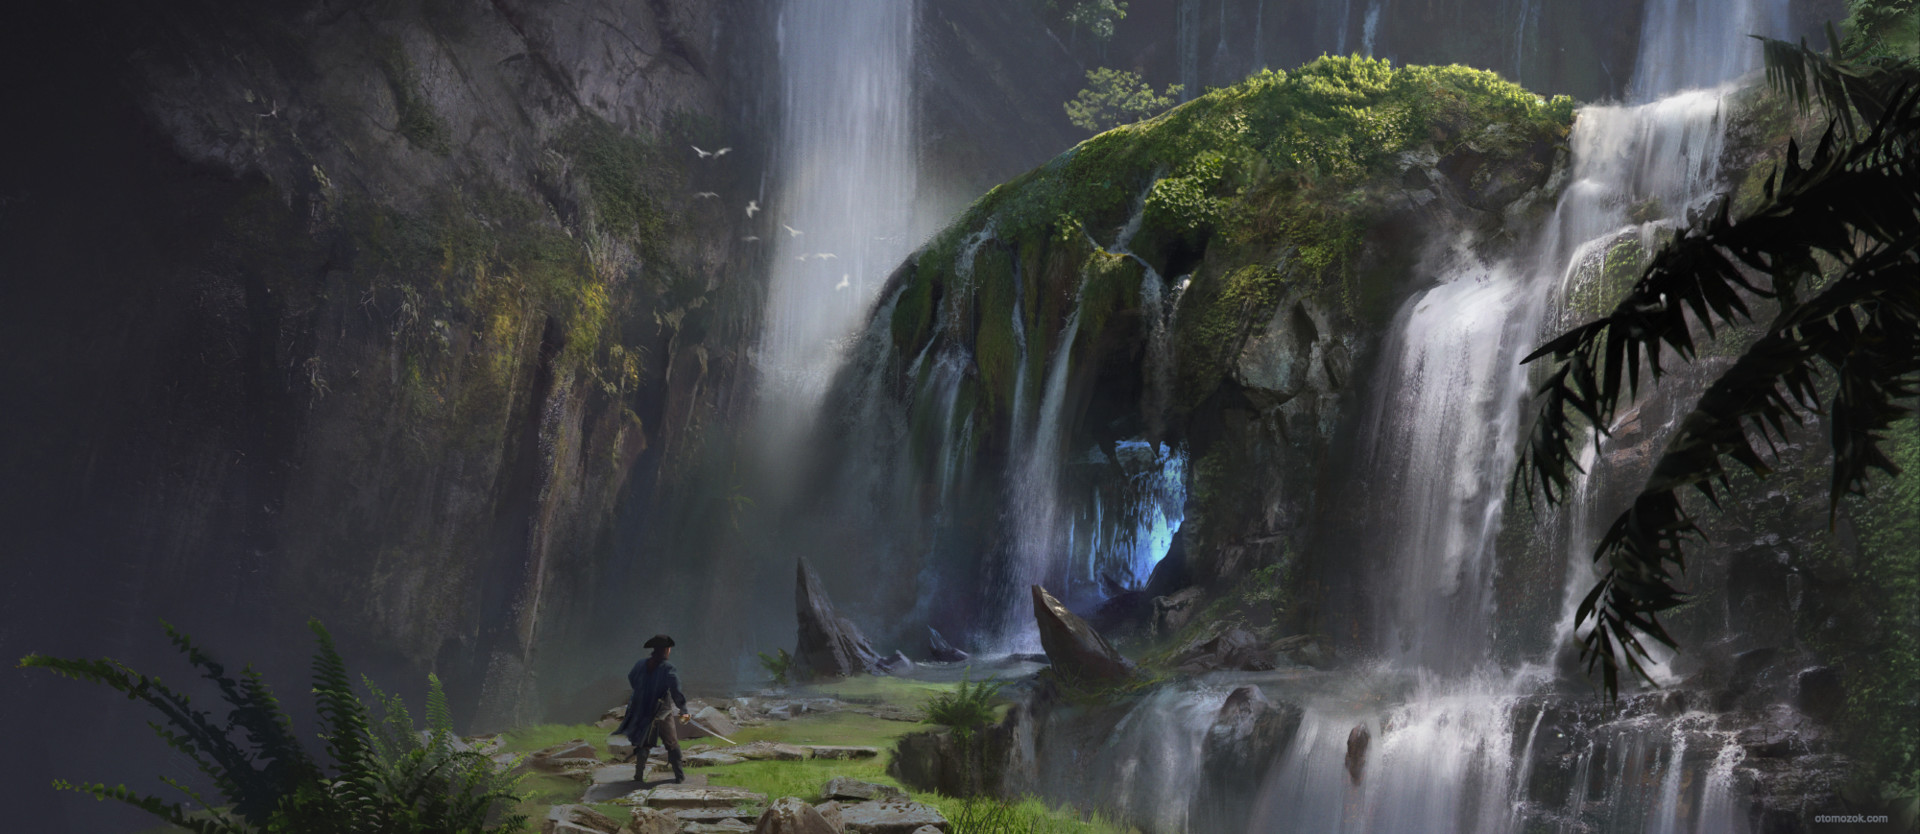 Arthur gurin cave